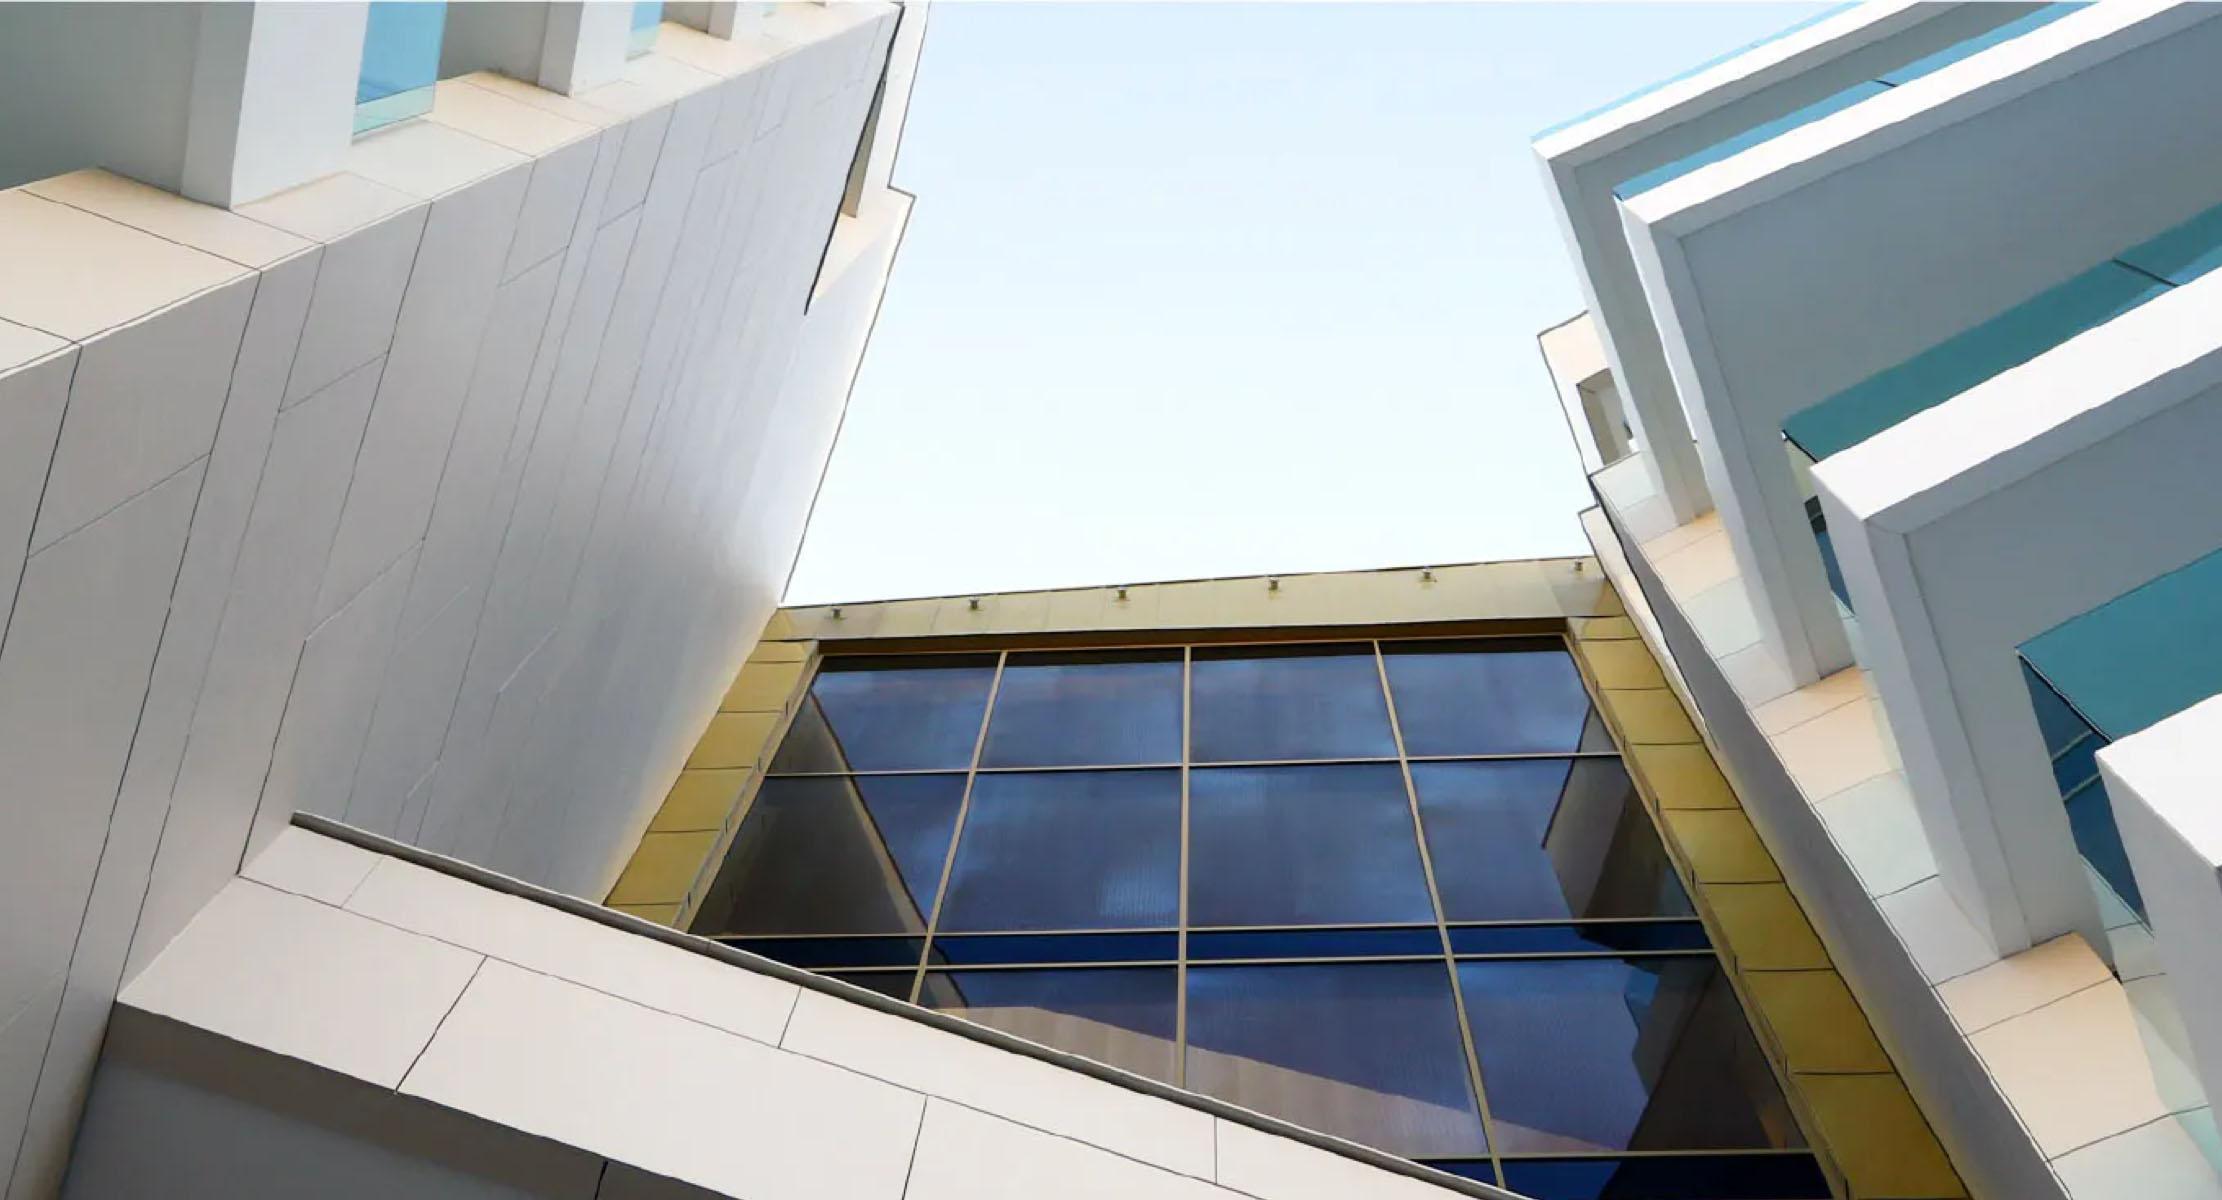 Image of header soluciones in Soluzioni architettoniche - Cosentino